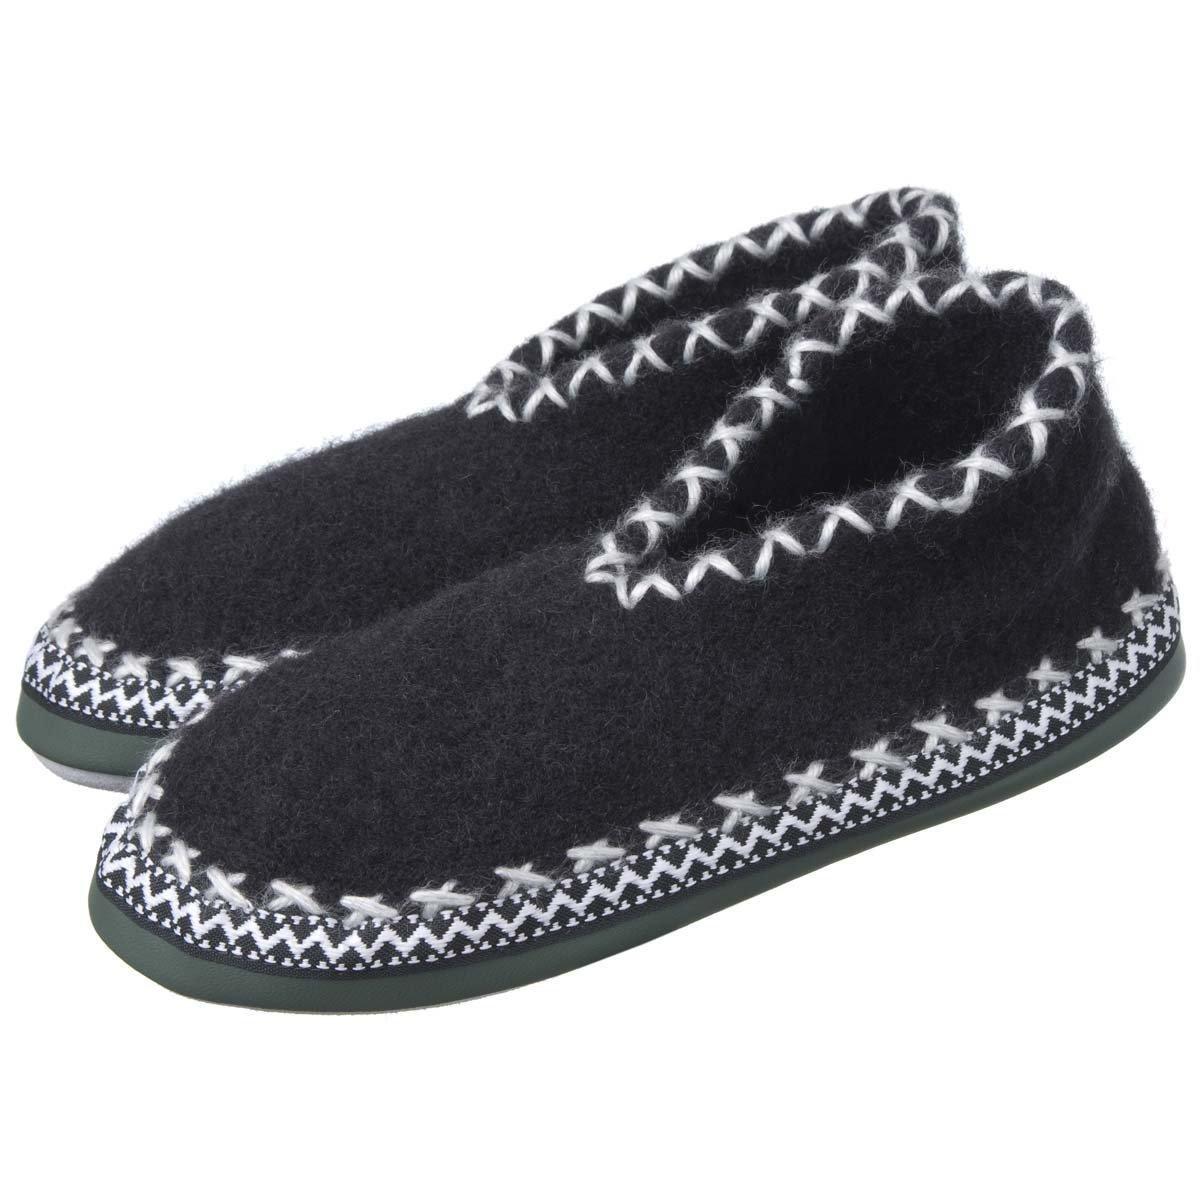 donna donna in da lana da donna lana lana Pantofole da in in Pantofole Pantofole qw0A01Tf